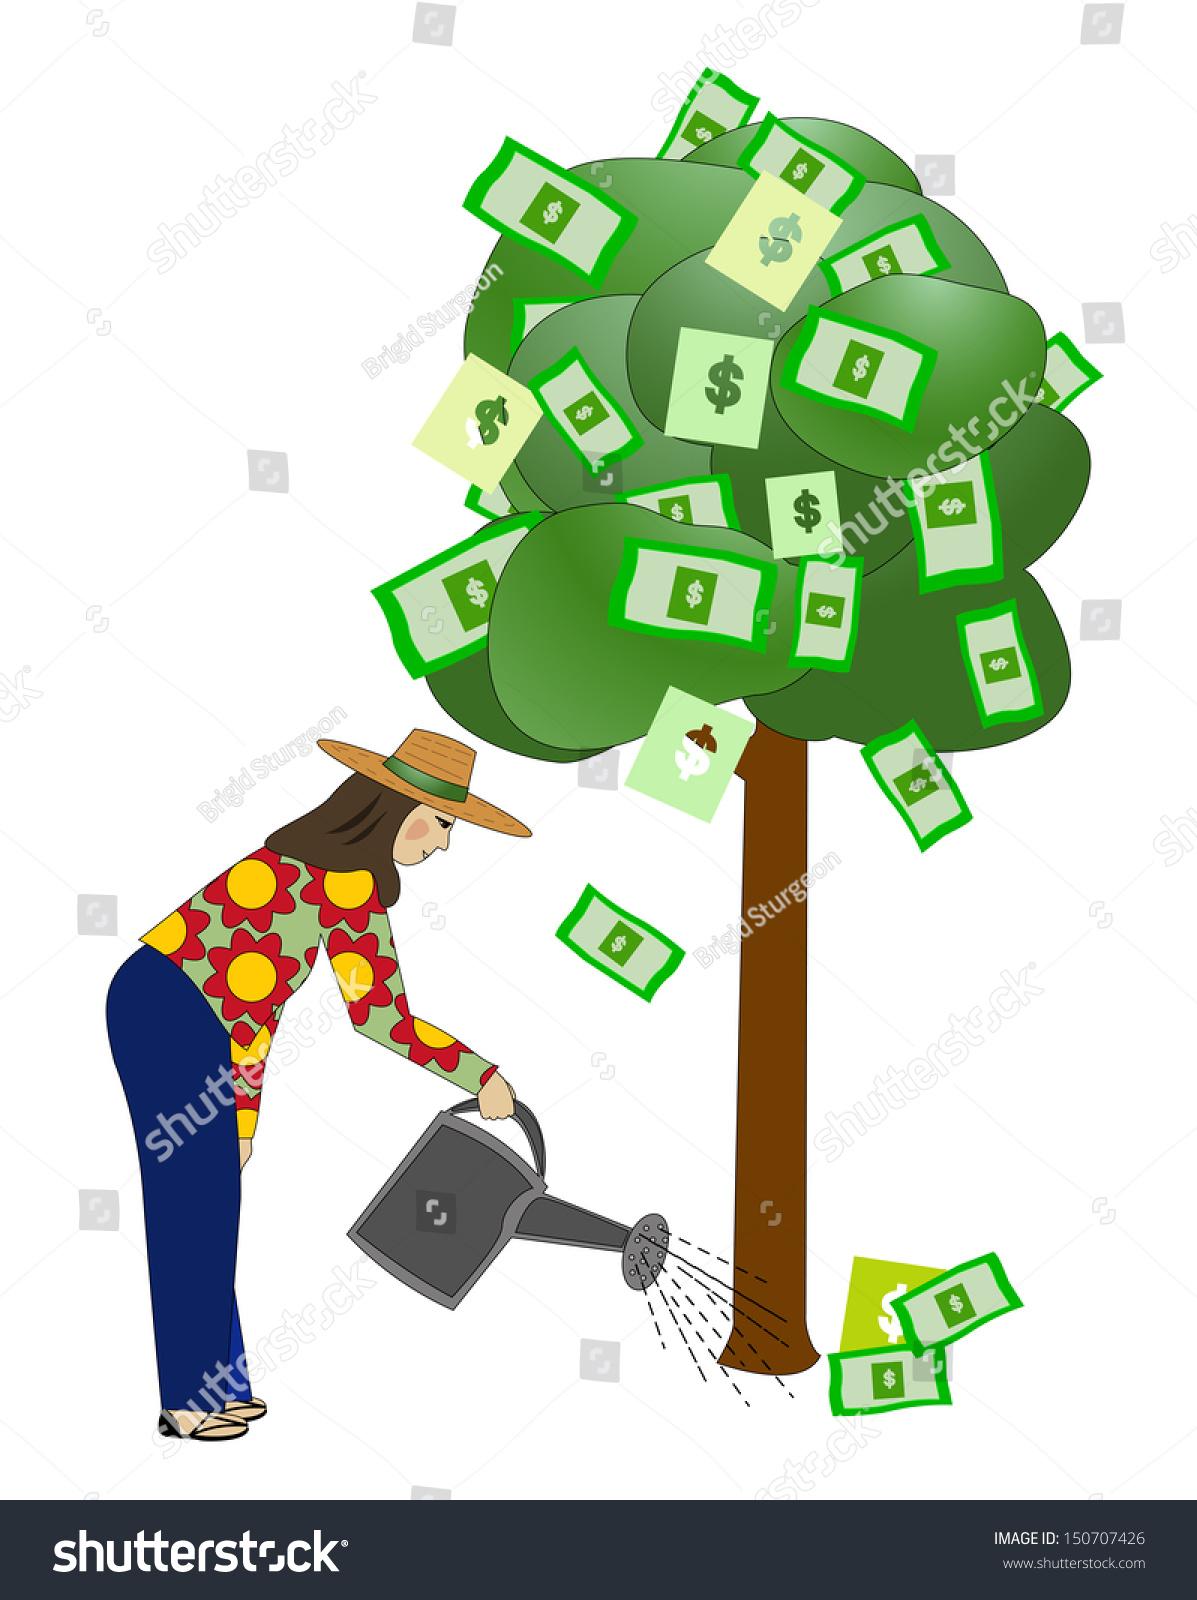 女人钱浇树/浇树-商业/金融,符号/标志-海洛创意()-合